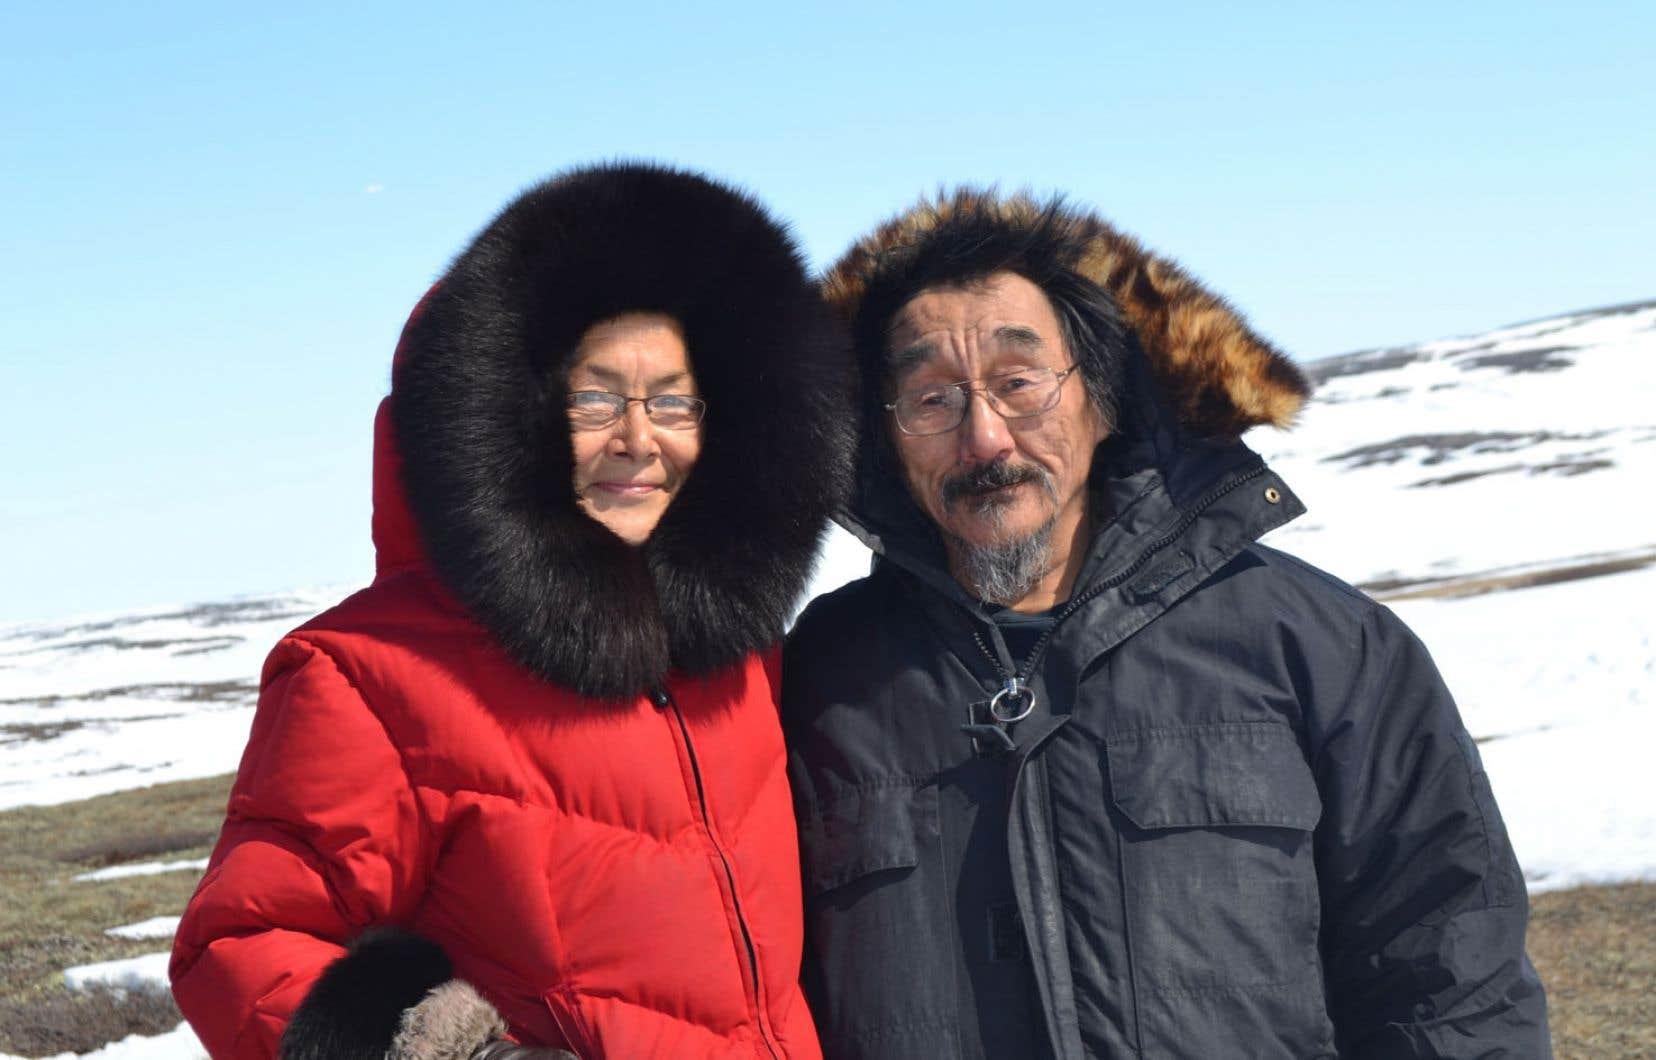 Moses Nowkawalk et Martha Flaherty, déportée à Grise Fjord à l'âge de cinq ans, se sont retrouvés au pensionnat de Churchill, où ils ont été envoyés, sans savoir qu'ils étaient cousins.